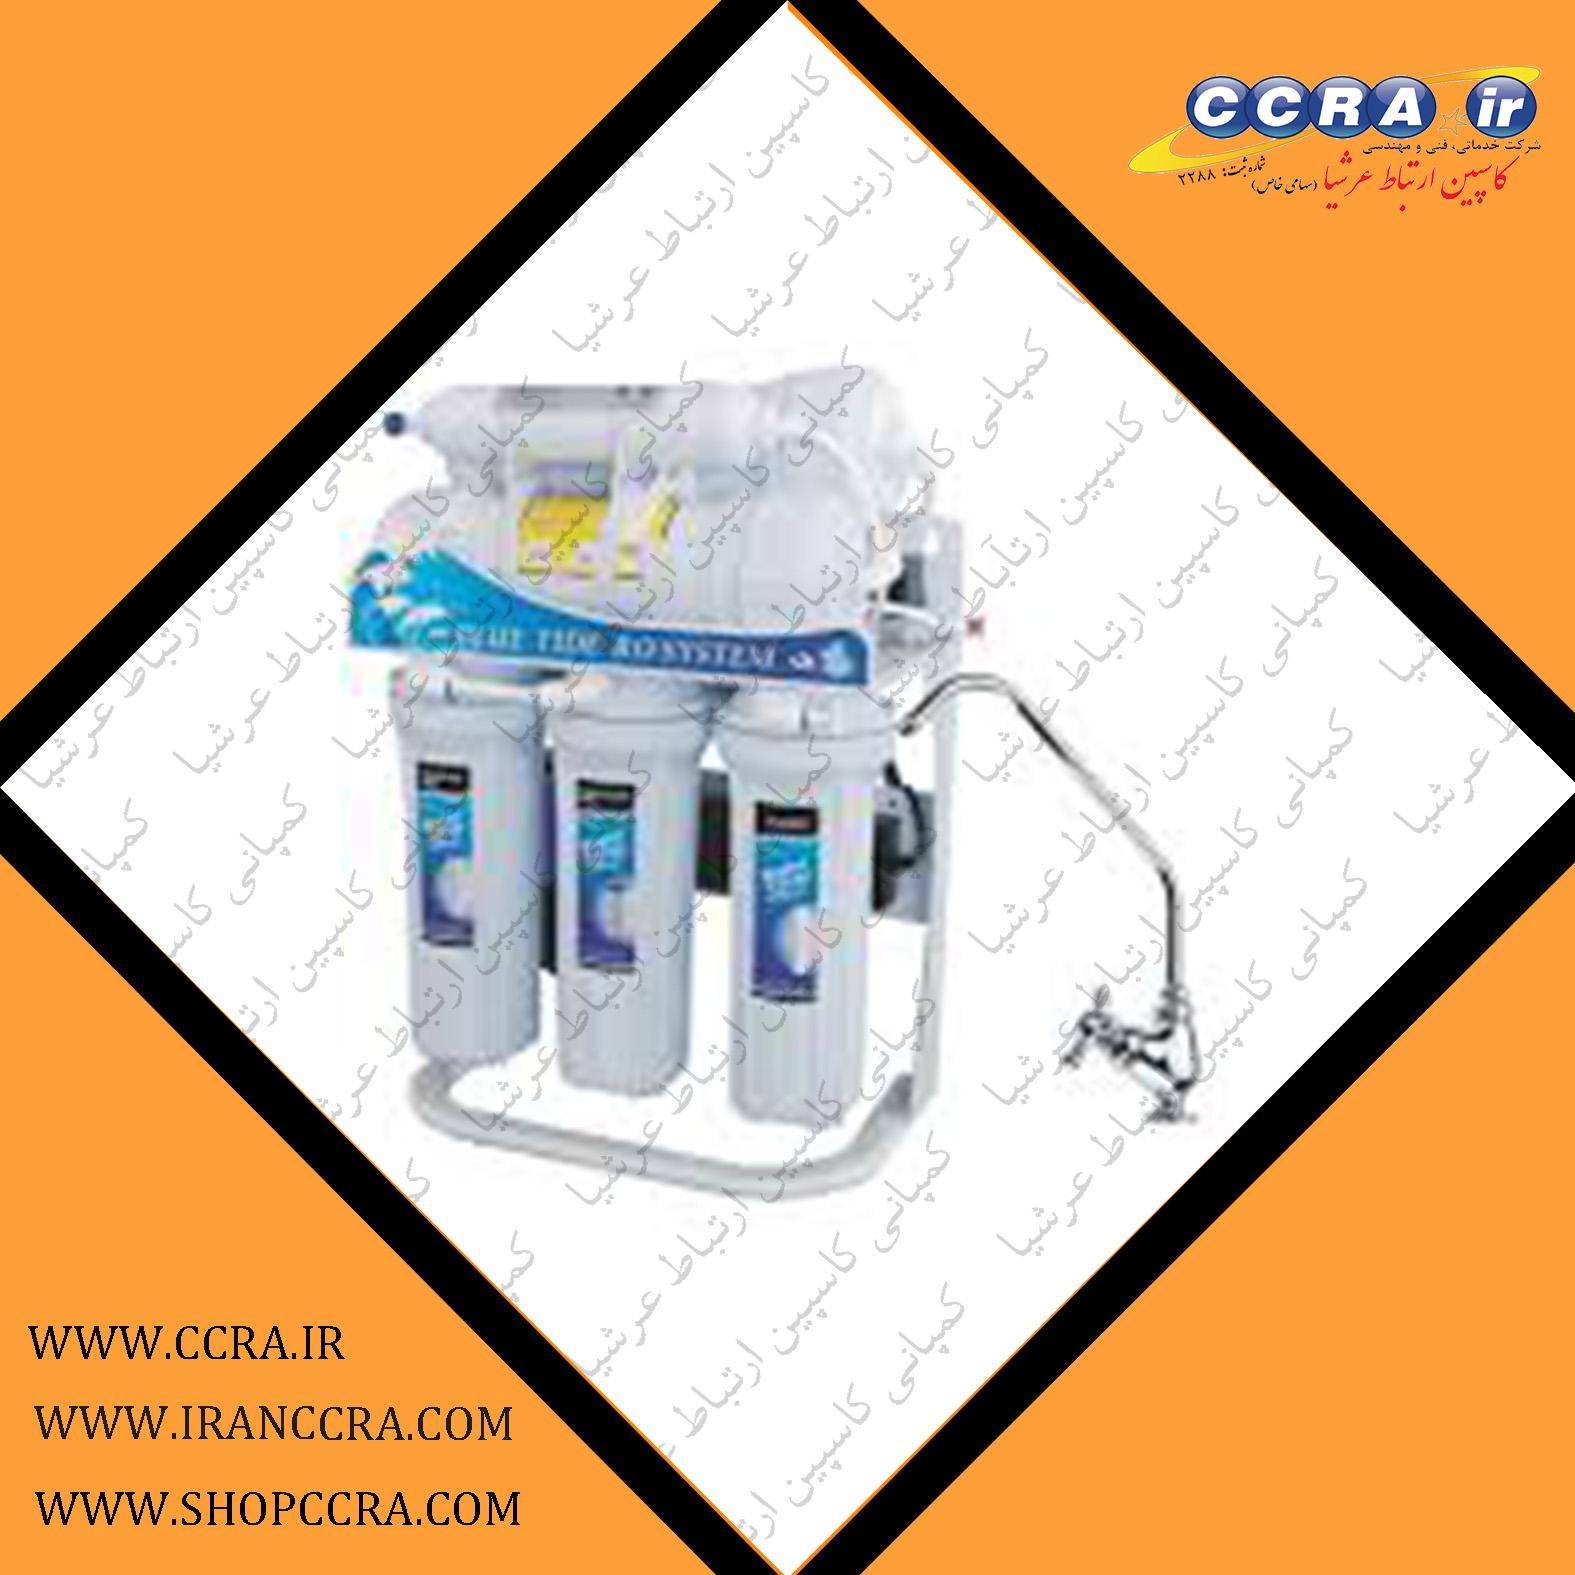 موارد لازم جهت حفظ و نگه داری بهتر از دستگاه های تصفیه آب خانگی آکوا کلیین